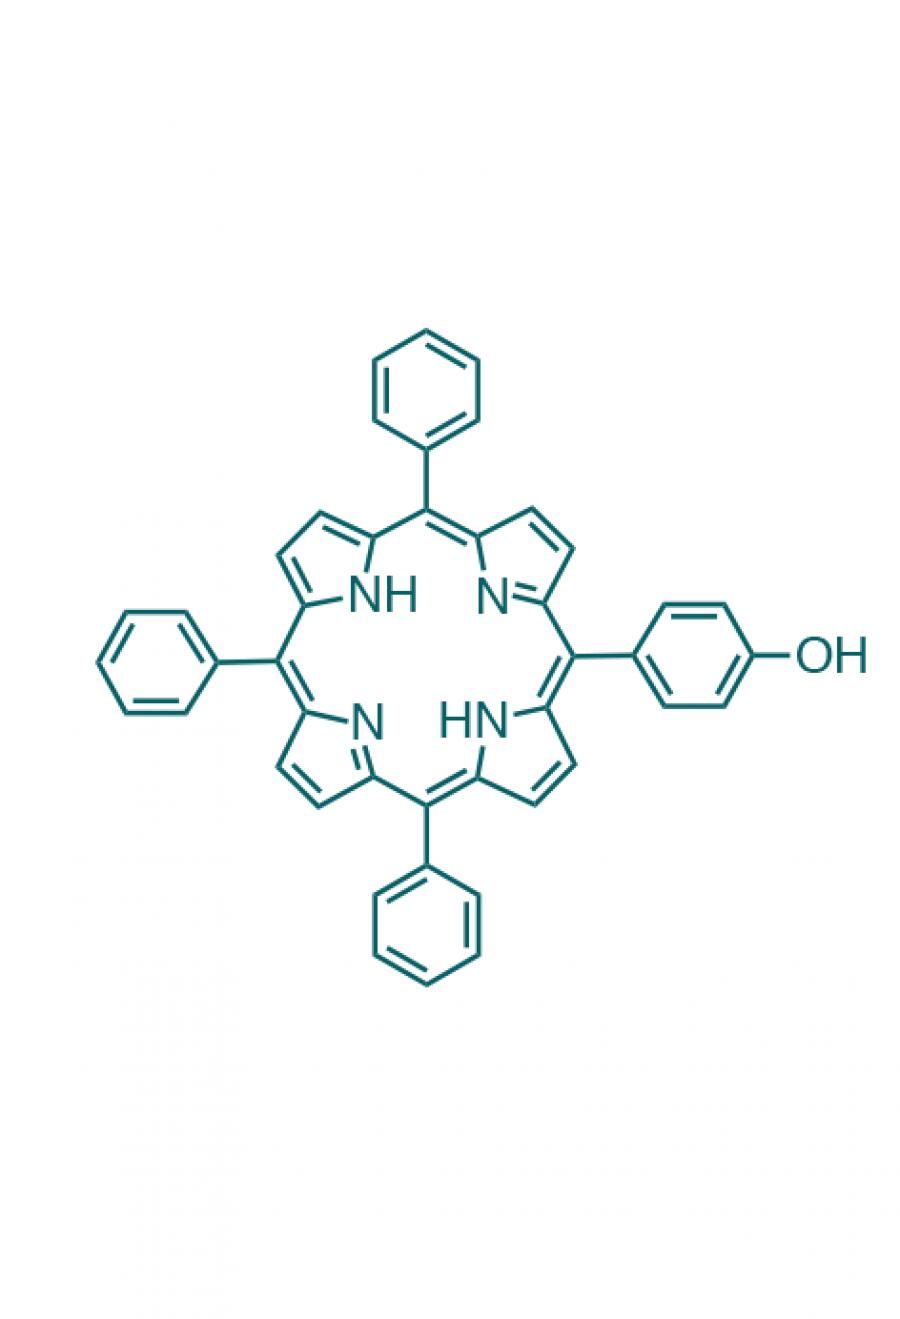 5-(4-hydroxyphenyl)-10,15,20-(triphenyl)porphyrin